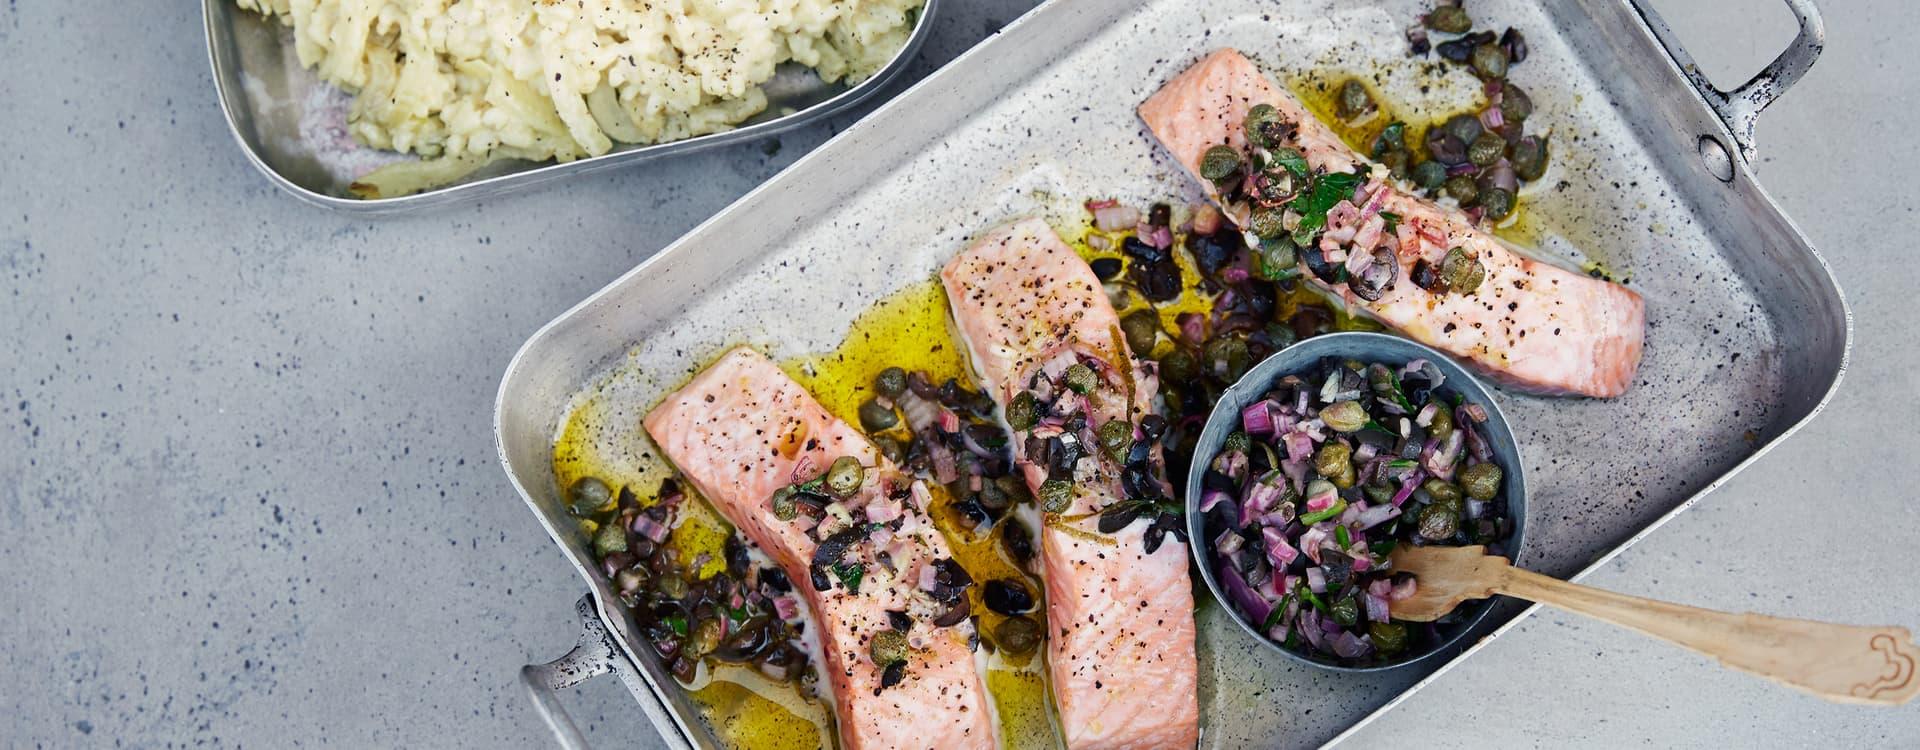 Ovnsbakt laks med oliven- og fennikelrisotto